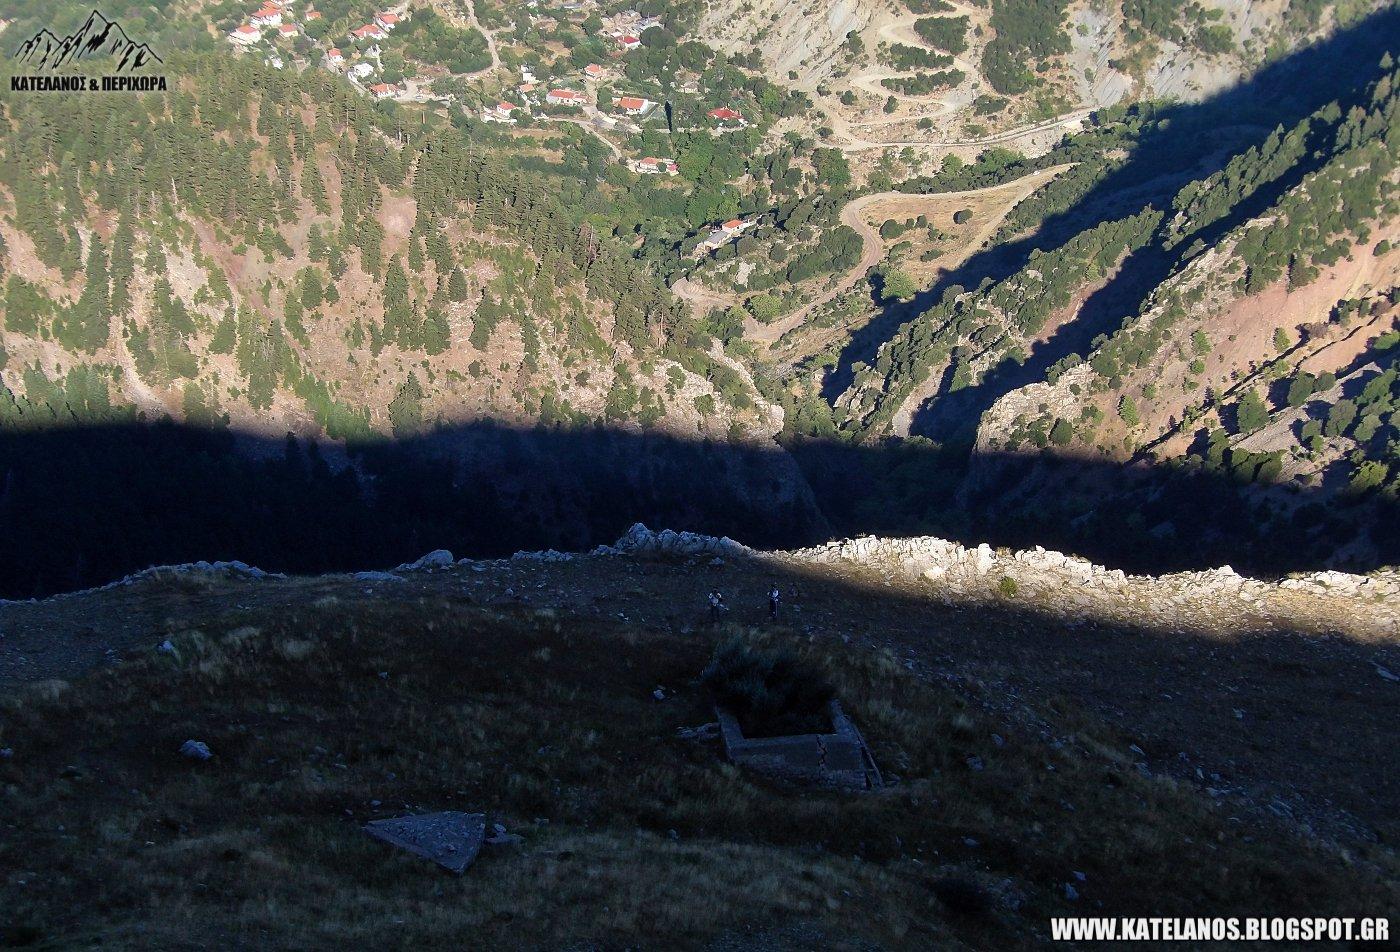 σκιες νωρις το πρωι βουνο ορεινά χωριά αιτωλοακαρνανίας